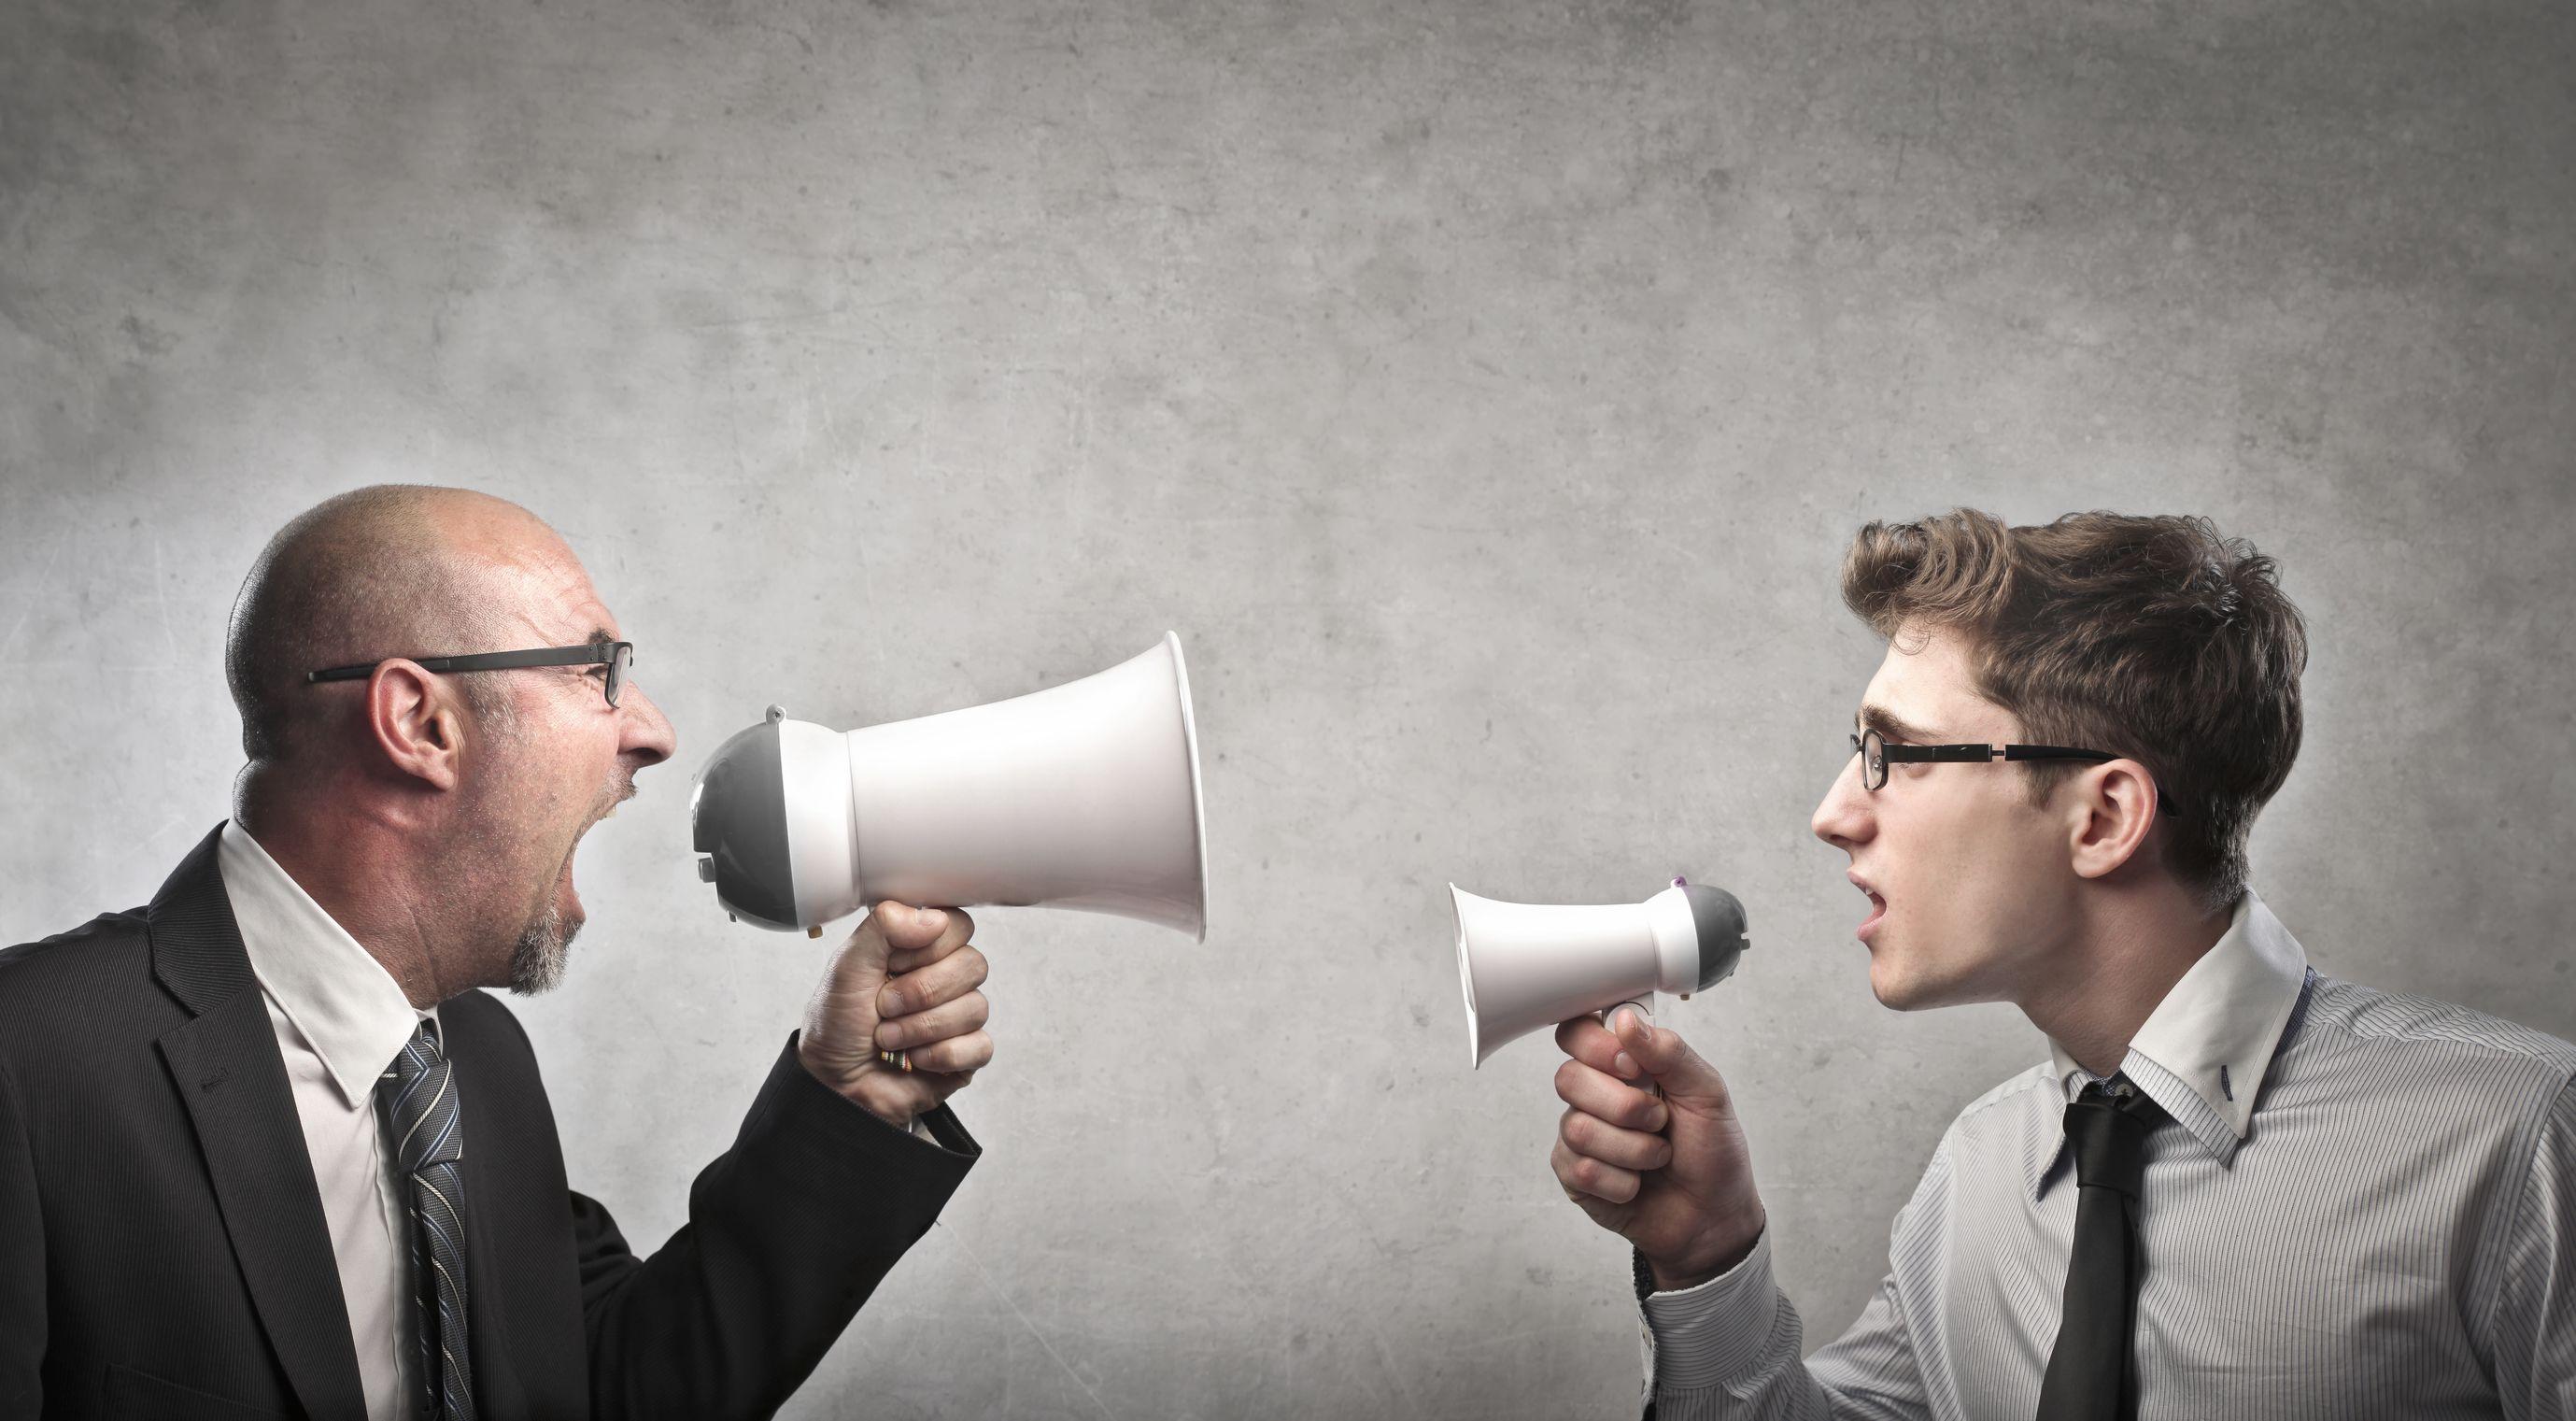 cara menyampaikan perbedaan pendapat